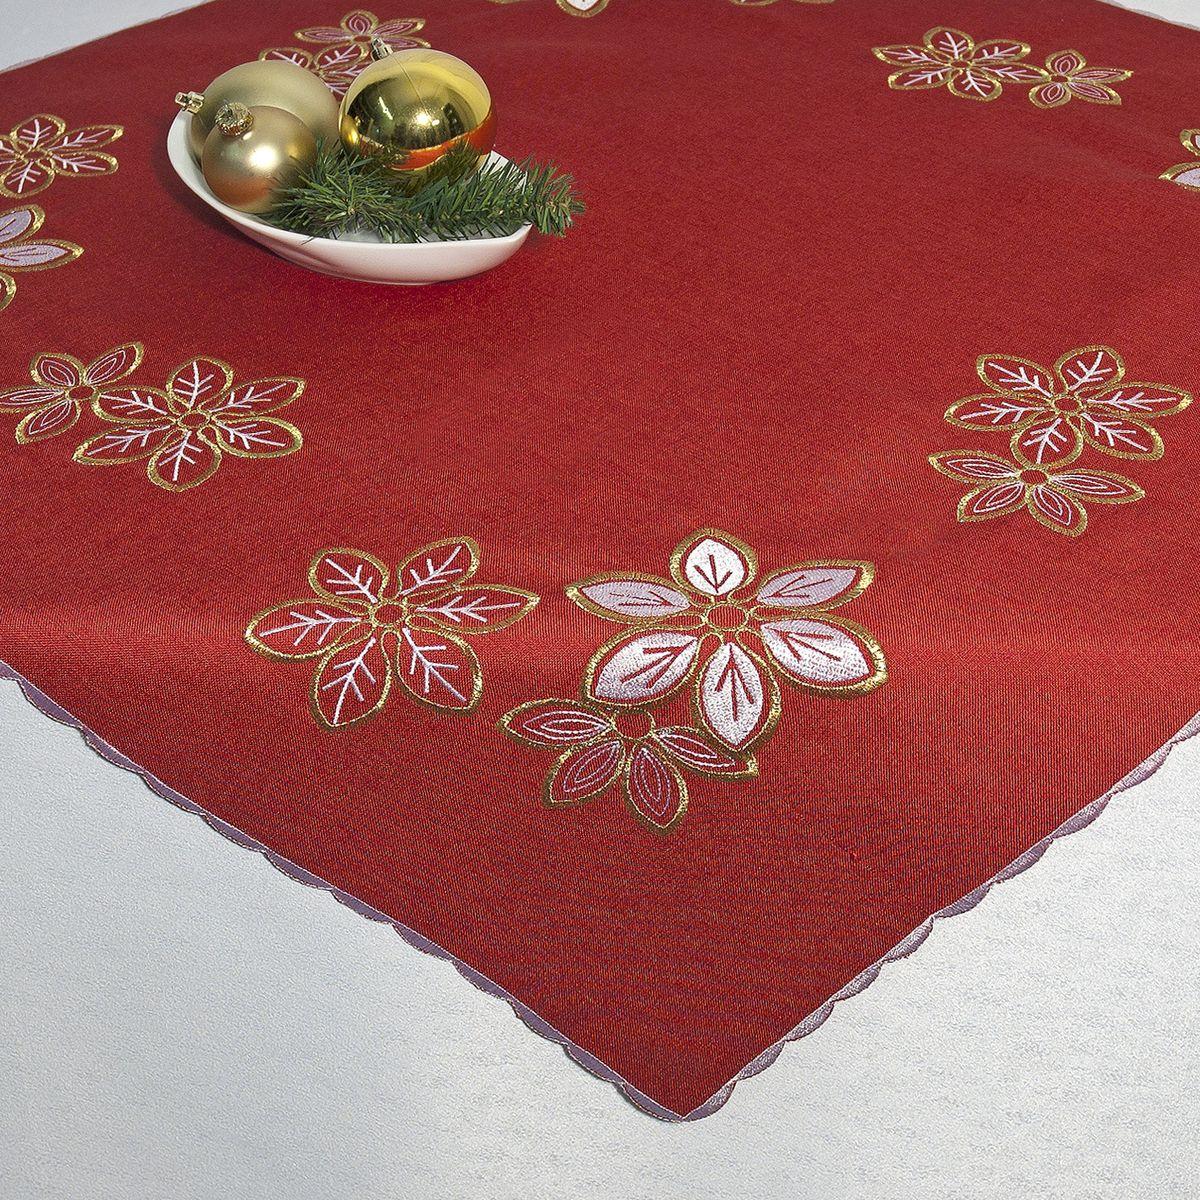 Скатерть Schaefer, квадратная, цвет: красный, золотистый, 85 см х 85 см. 07475-10007475-100Квадратная скатерть Schaefer, выполненная из полиэстера, станет изысканным украшением стола. Изделие декорировано красивой вышивкой в виде цветов. За текстилем из полиэстера очень легко ухаживать: он не мнется, не садится и быстро сохнет, легко стирается, более долговечен, чем текстиль из натуральных волокон. Использование такой скатерти сделает застолье торжественным, поднимет настроение гостей и приятно удивит их вашим изысканным вкусом. Также вы можете использовать эту скатерть для повседневной трапезы, превратив каждый прием пищи в волшебный праздник и веселье. Это текстильное изделие станет изысканным украшением вашего дома!